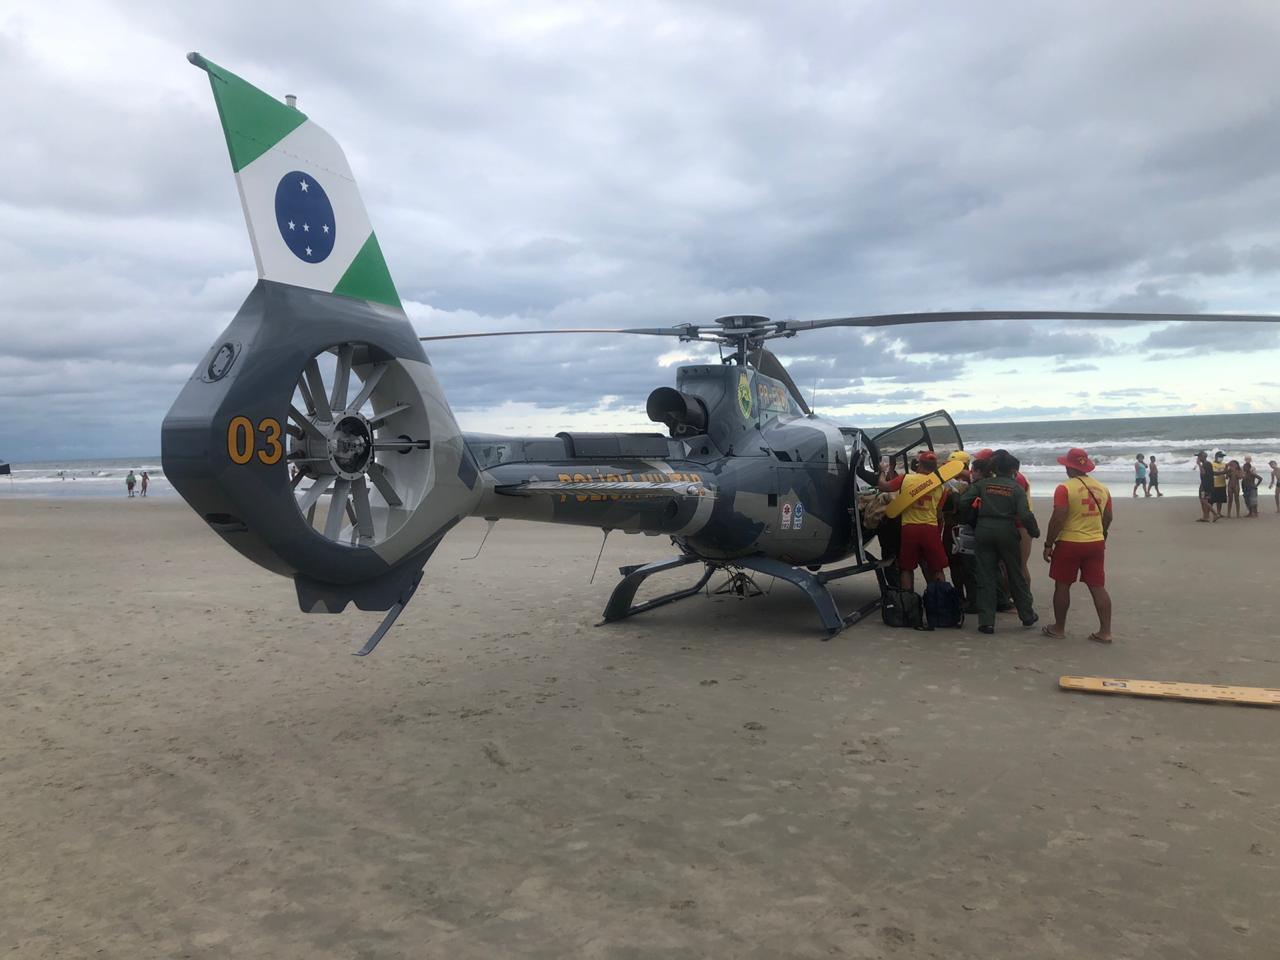 Guarda-vidas resgatam mulher vítima de afogamento em Pontal do Paraná